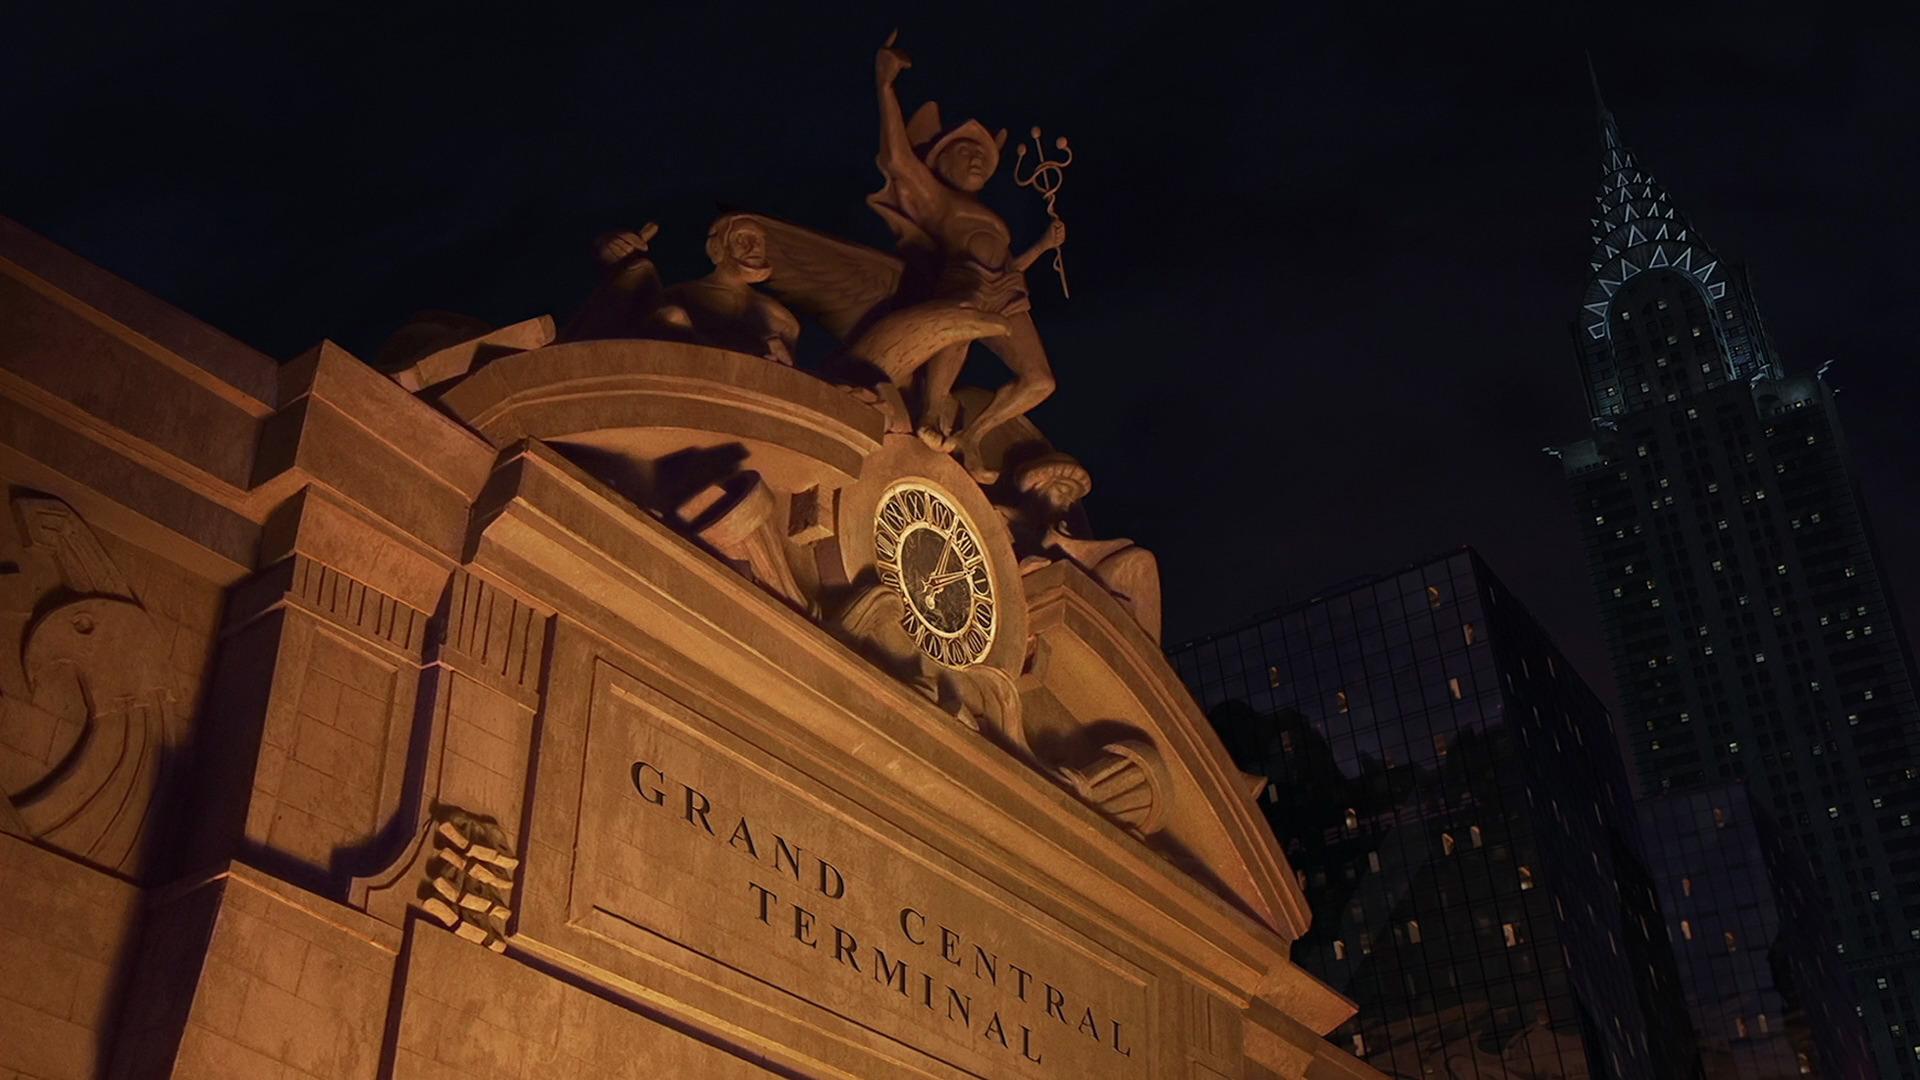 Картинки по запросу Grand Central Terminal madagascar